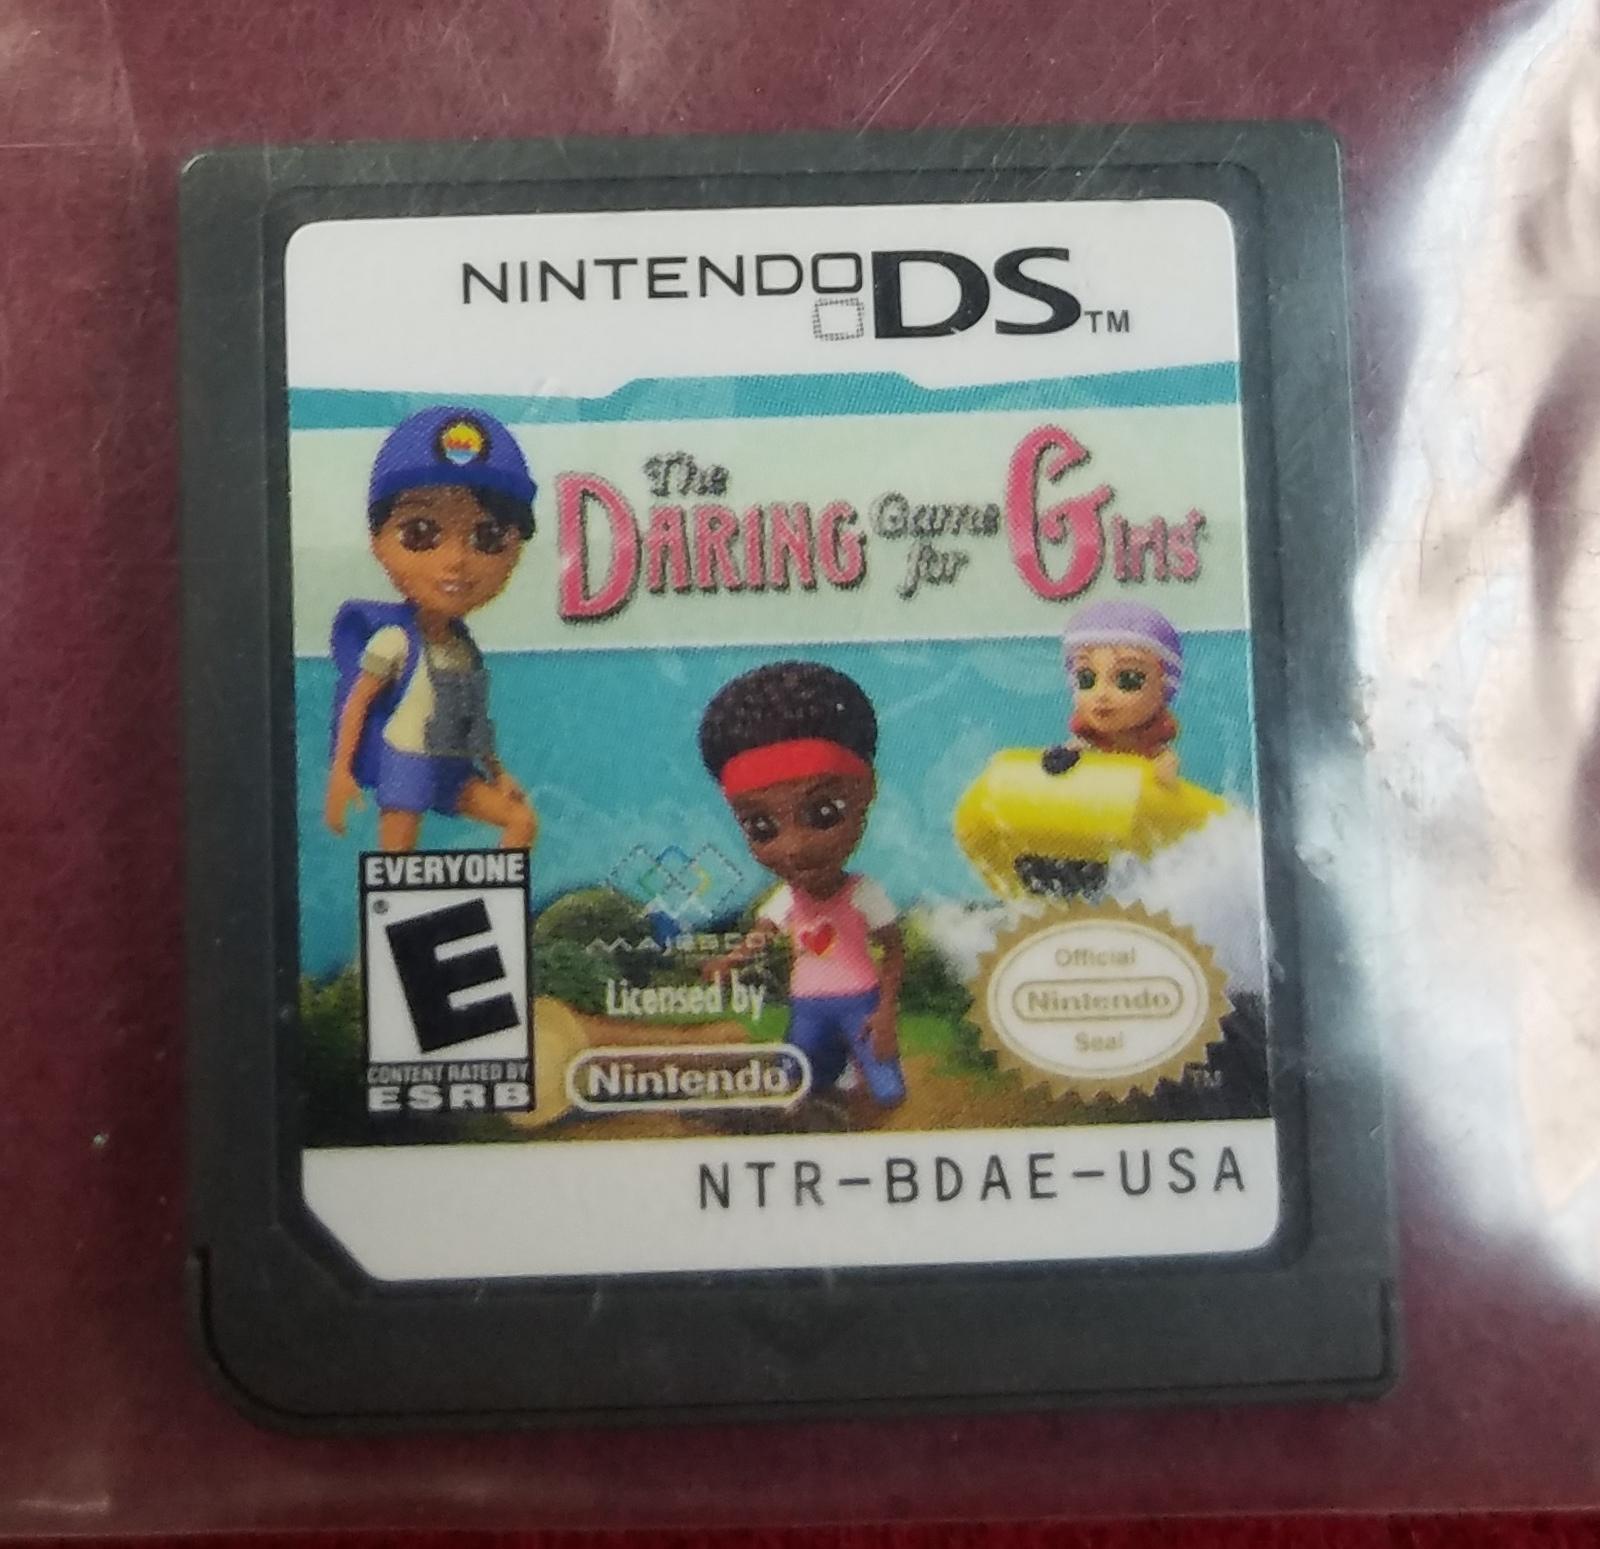 NINTENDO DSi GAMES - THE DARING GAME FOR GIRLS